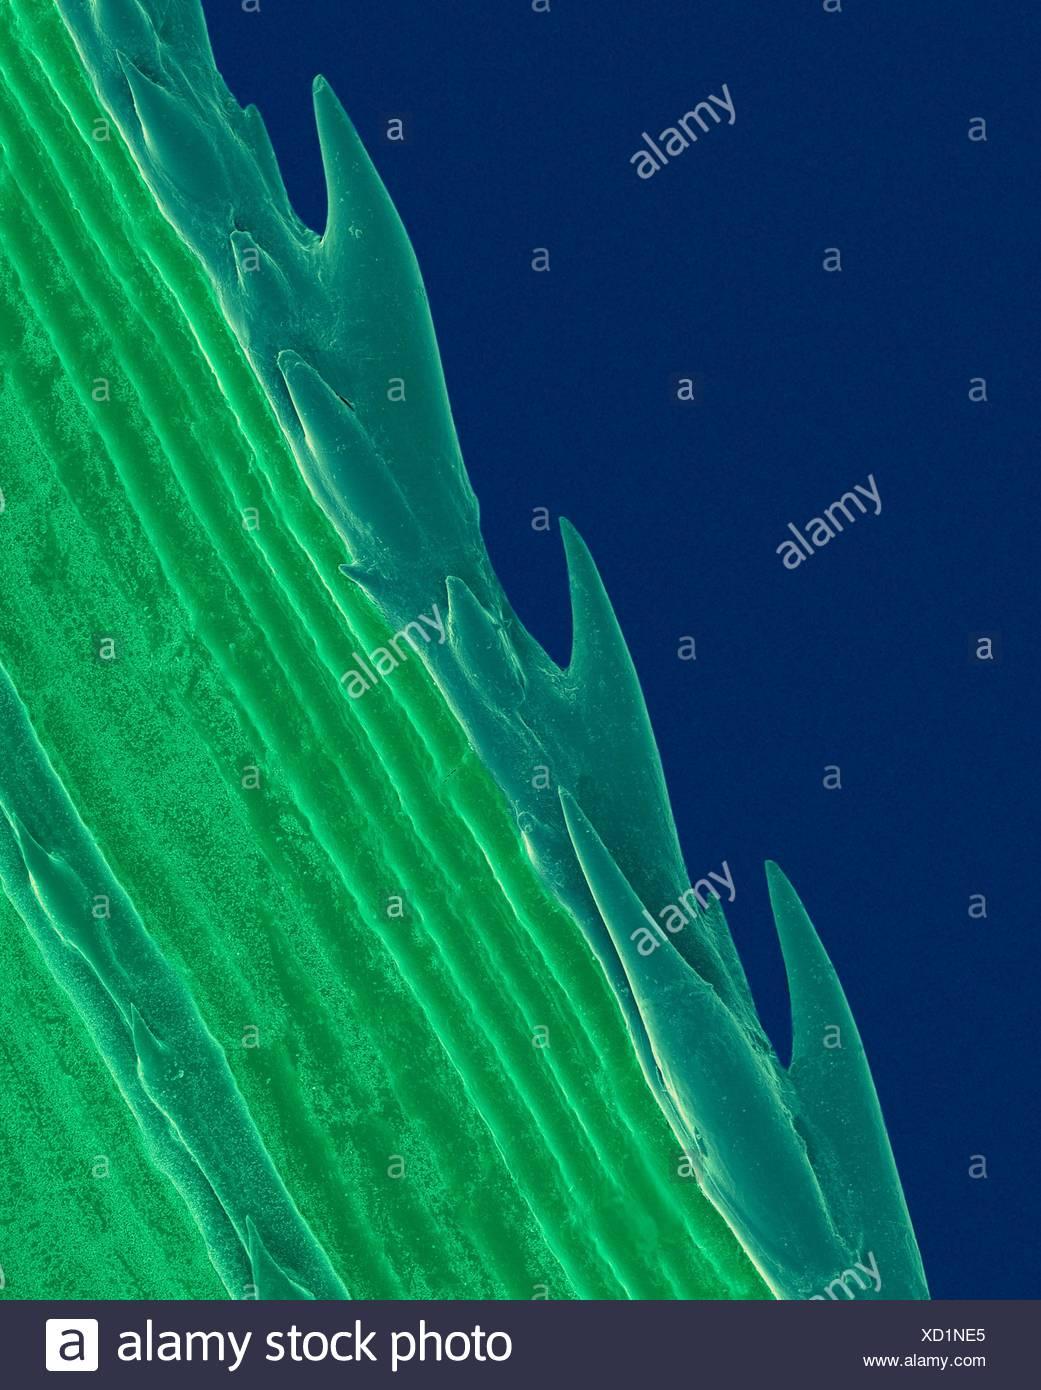 Un brin d'herbe avec bord dentelé (Paspalum sp),couleur de l'analyse des électrons Microphotographie (SEM).Les plantes évoluer caractéristiques chimiques physique spécialisés dans la défense naturelle contre les stress dans leur environnement.La forte pointe dentelé de brin d'herbe protège contre les herbivores.Paspalum est Photo Stock